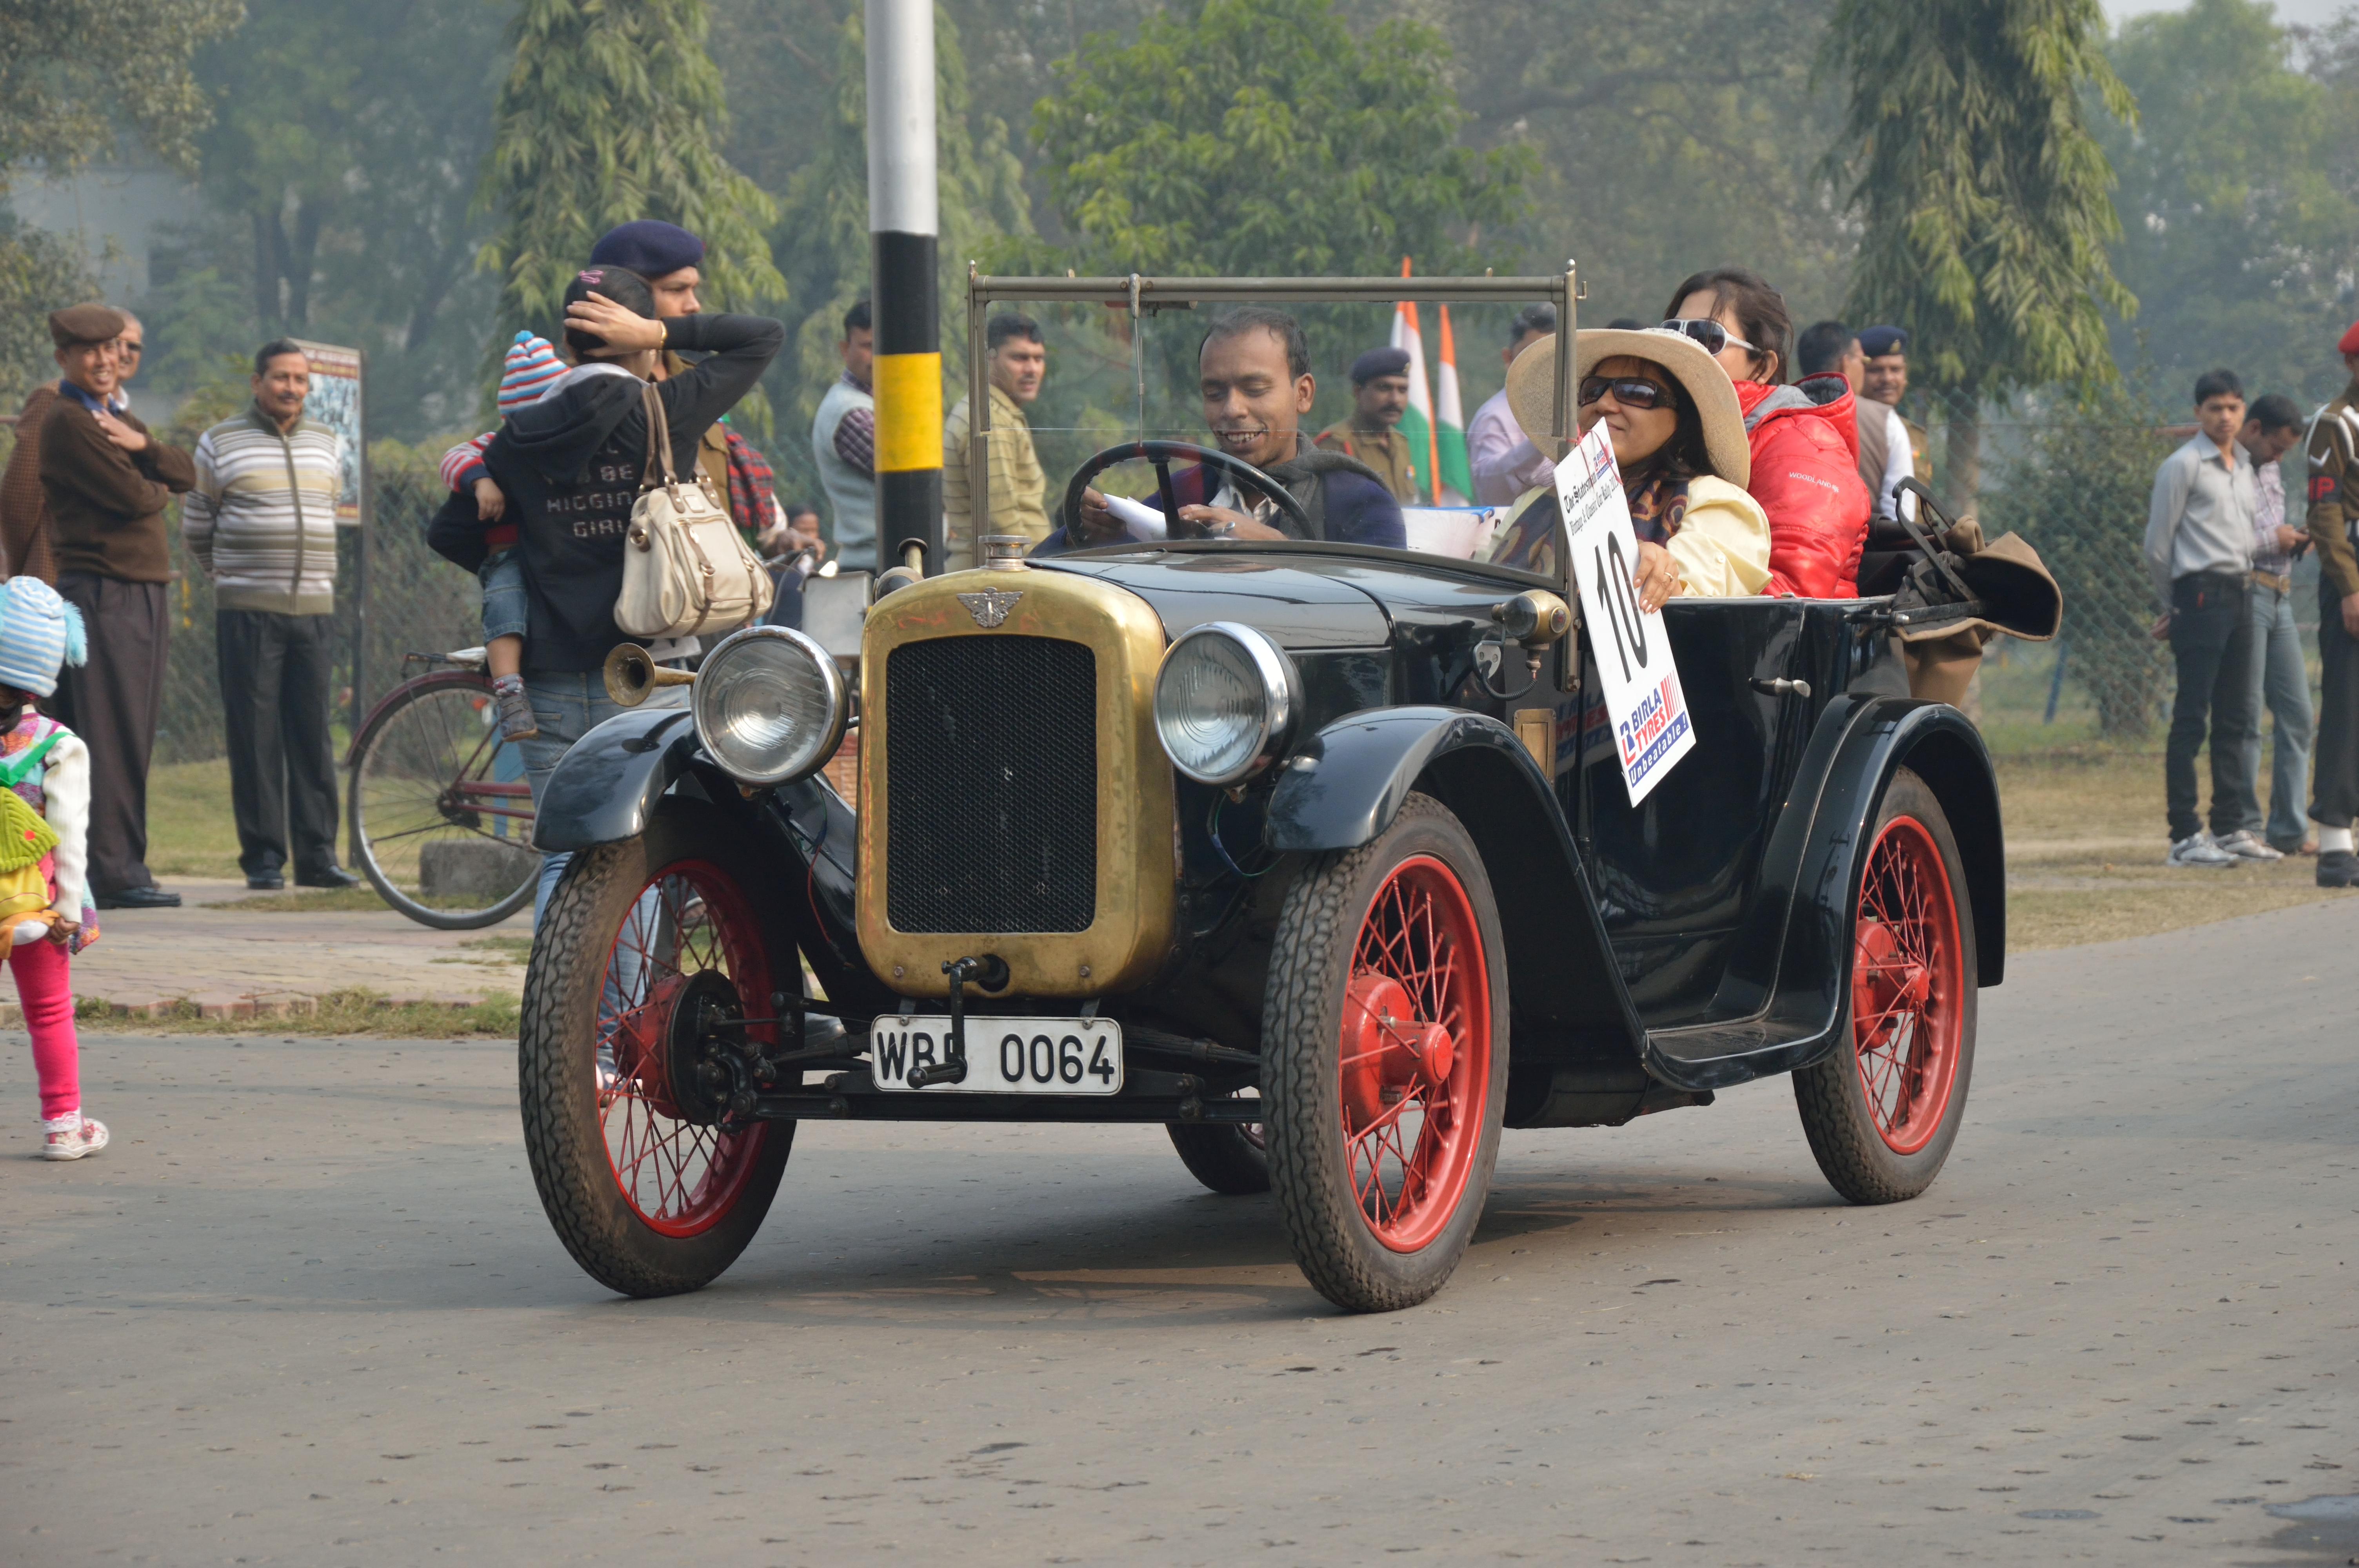 File:Austin - Seven - 1925 - 7 hp - 4 cyl - Kolkata 2013